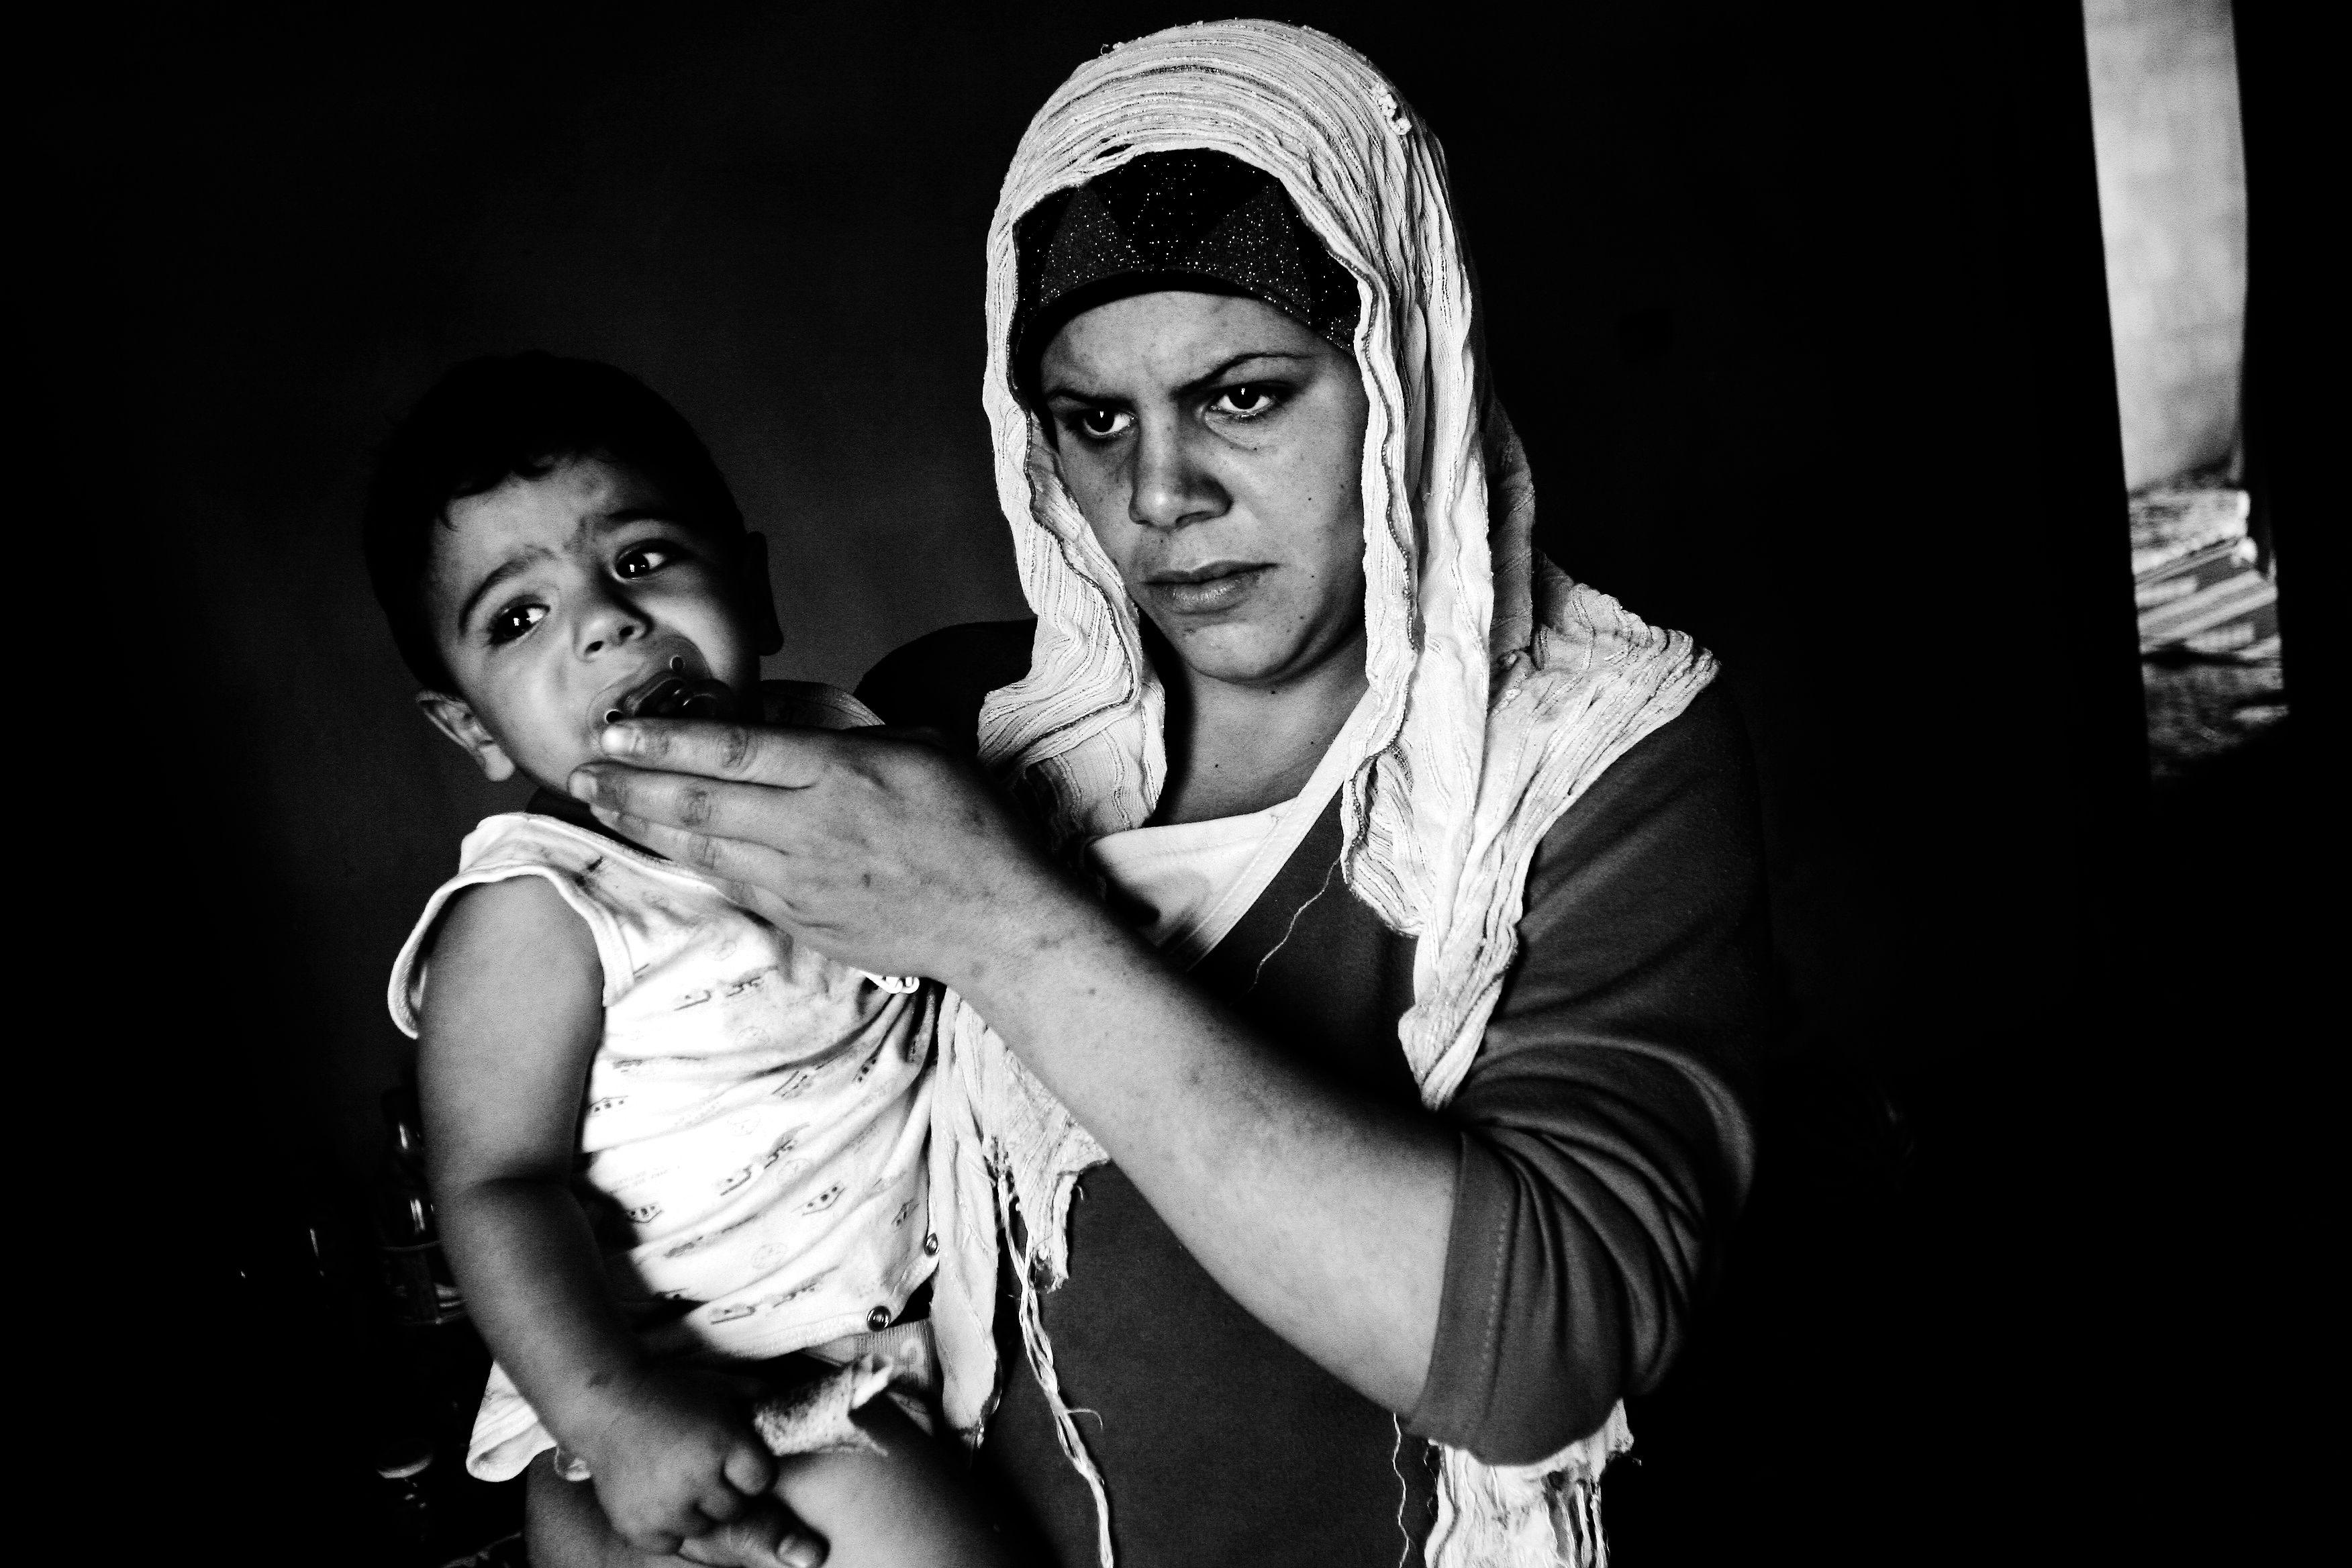 http://www.accioncontraelhambre.org/incidencia3.php  El hambre injusta   Las mayores crisis alimentarias del siglo XX han sido provocadas por uno (o más) de estos factores: desastres naturales, responsabilidad humana o conflictos. A lo largo de las últimas décadas las pandemias globales (sobre todo el VIH/SIDA), las desigualdades del comercios y el calentamiento global han jugado un papel cada vez más protagonista a la hora de provocar hambre y hambrunas.